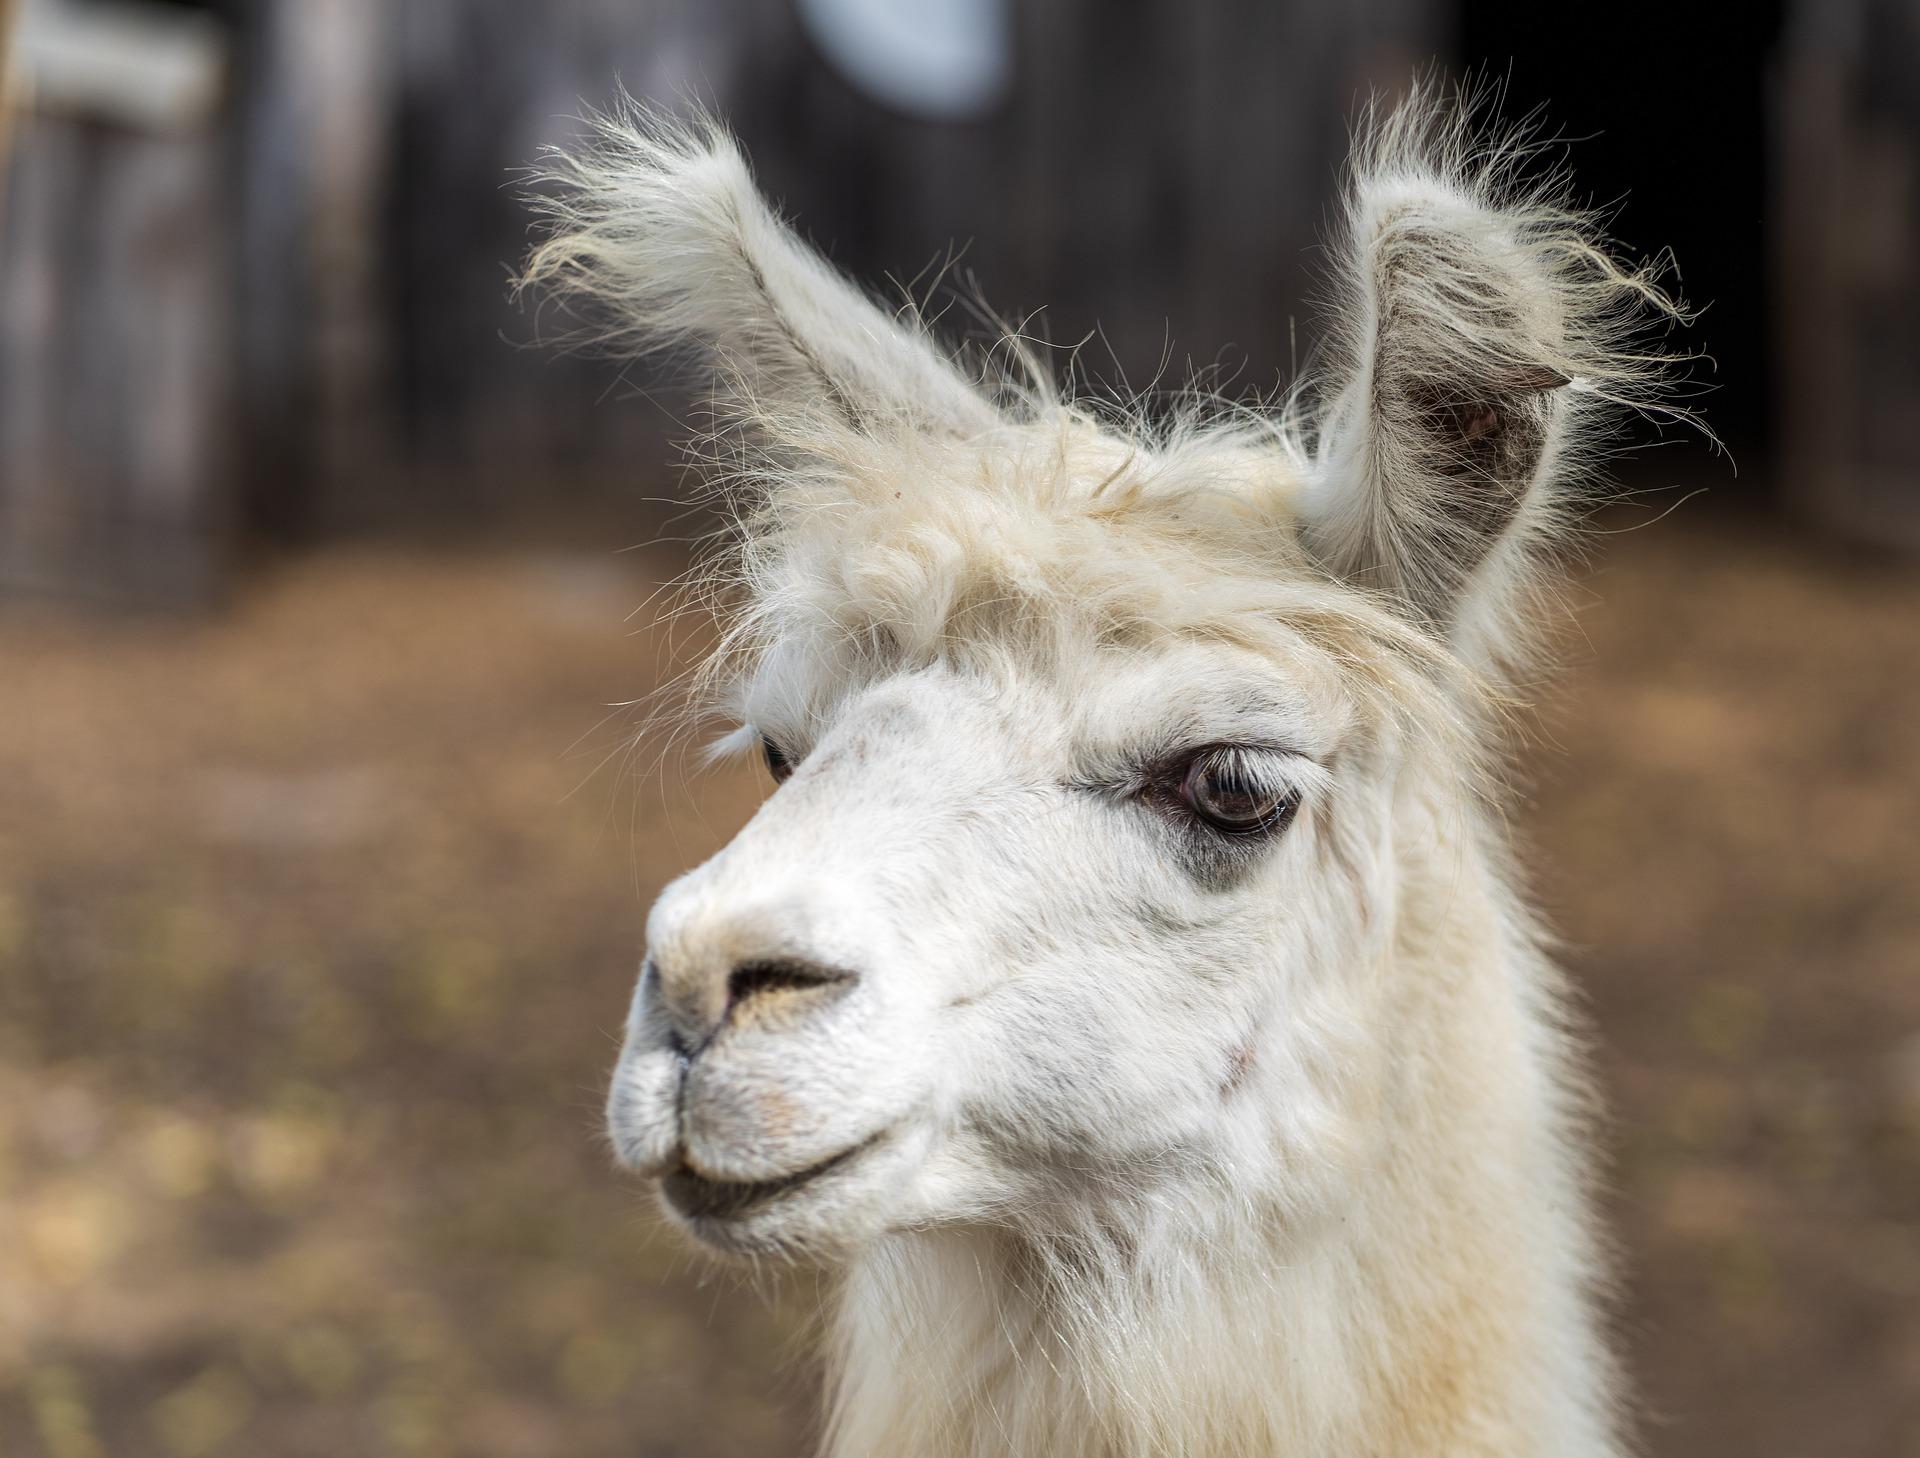 Lama - llama